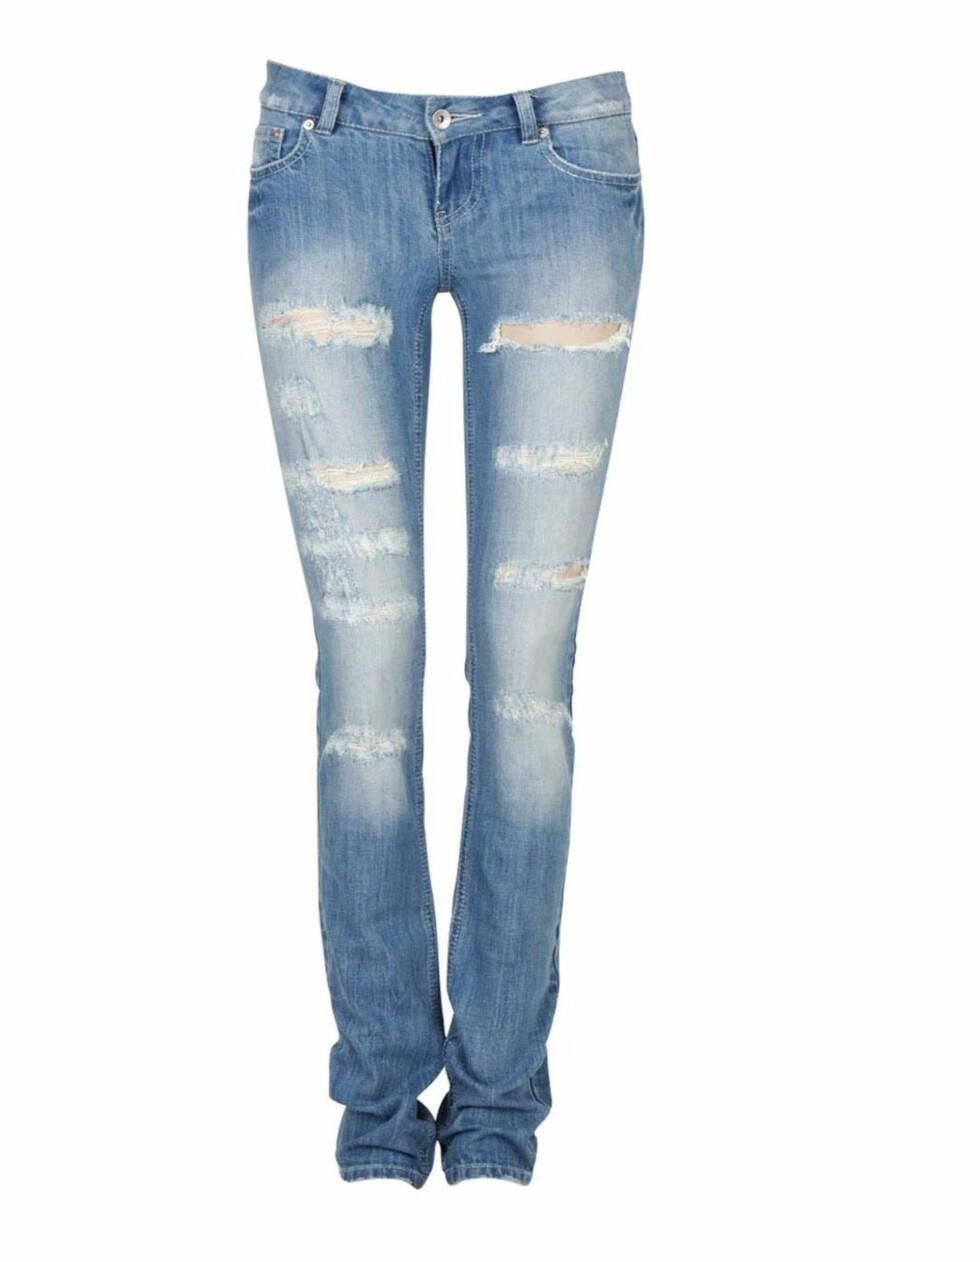 HERPA STIL: Jeans inspirert av Pierre Balmain, som fint kan lages selv (kr 500, Cubus).